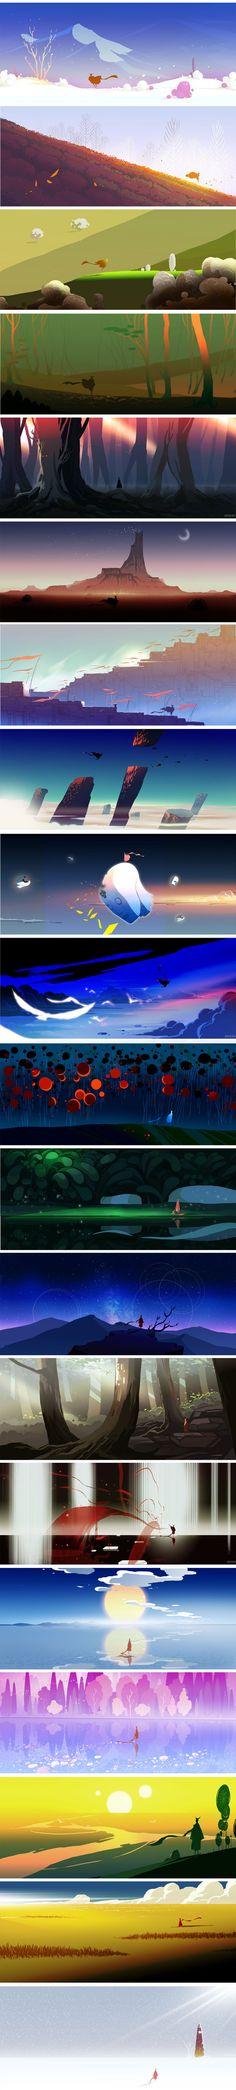 ideas for concept art landscape backgrounds inspiration Animation 3d, Animation Background, Art Background, Landscape Background, Game Design, Bg Design, Landscape Concept, Landscape Art, Landscape Design